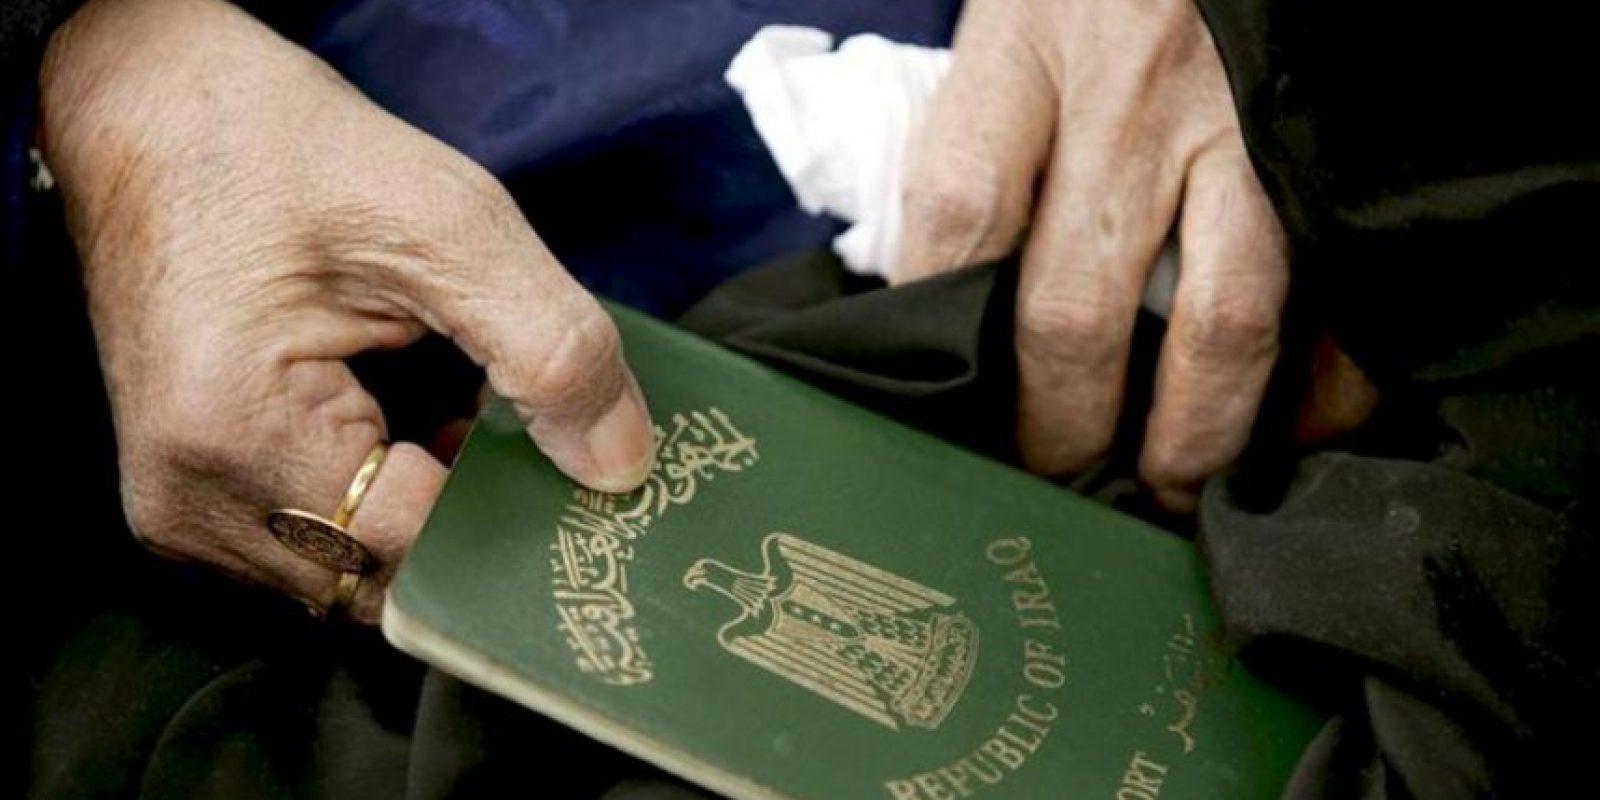 Una mujer iraquí sostiene su pasaporte mientras aguarda su turno en un centro de la ONU para refugiados. EFE/Archivo